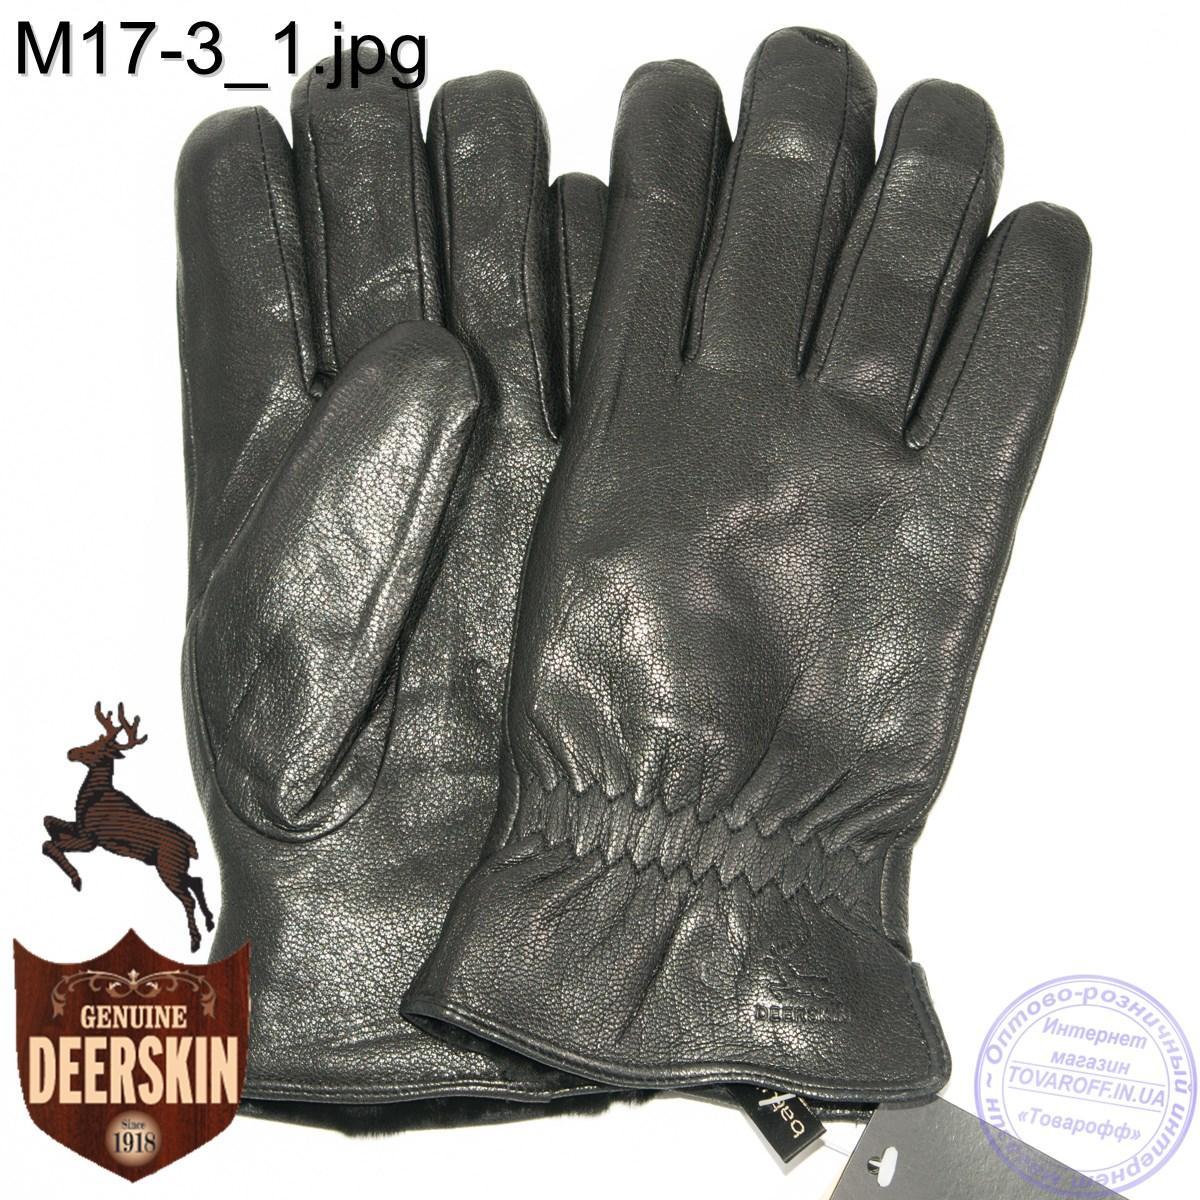 Мужские зимние перчатки из оленьей кожи на цигейке (натуральный черный мех) - №M17-3